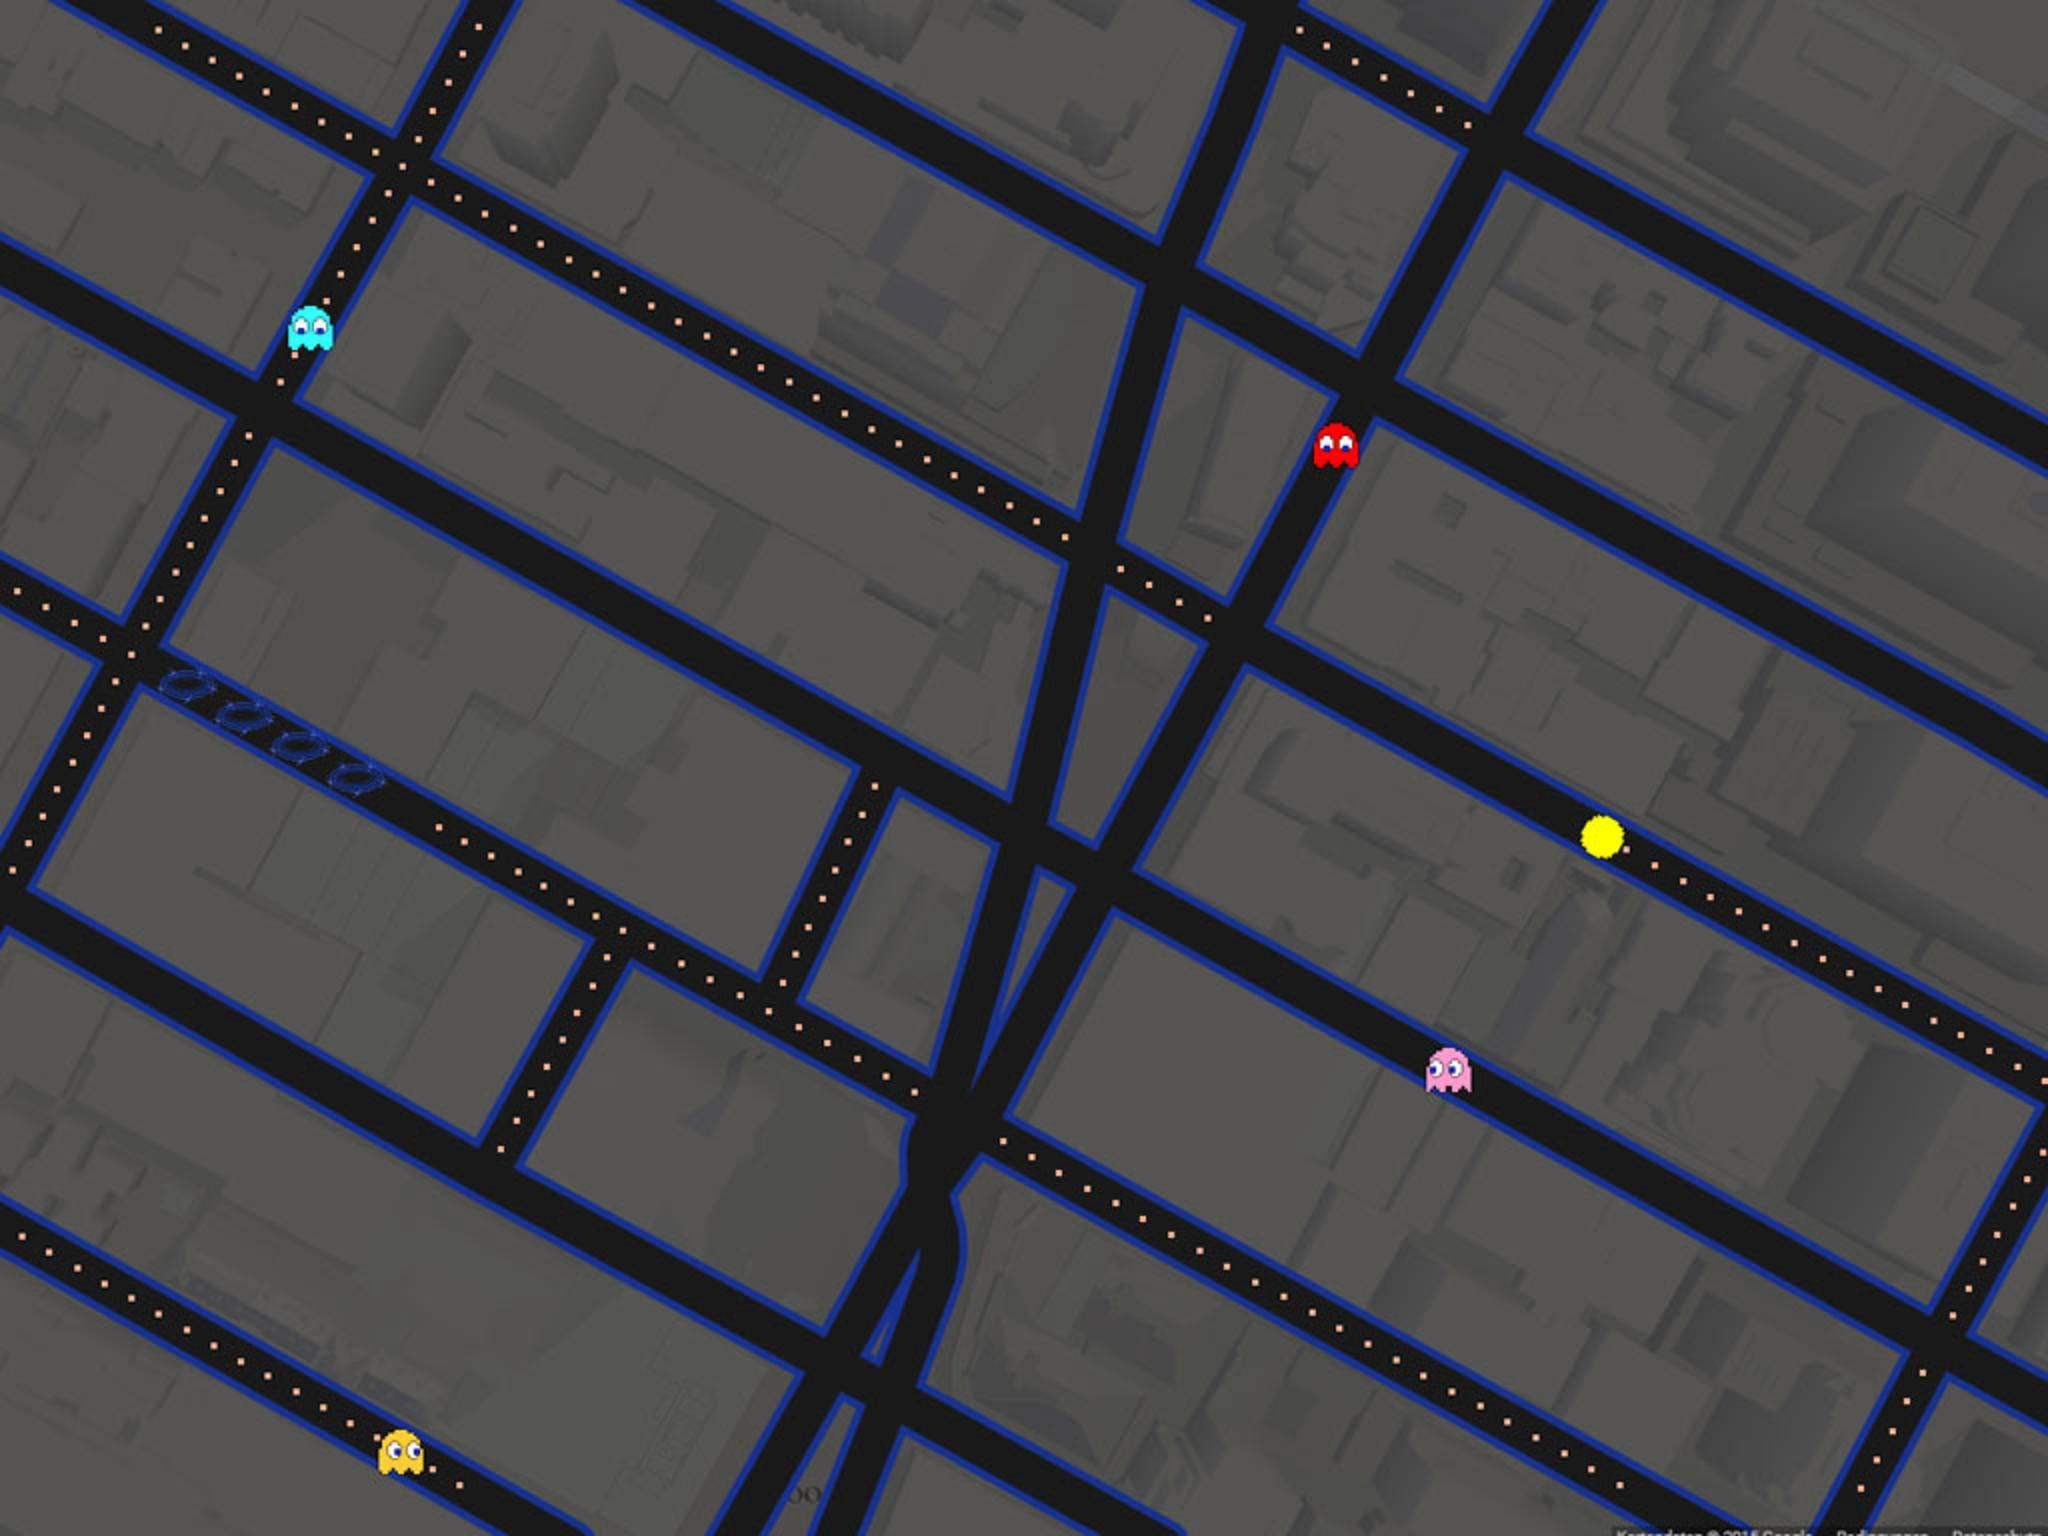 Pac-Man kommt per Google Maps auch in Dein Viertel.